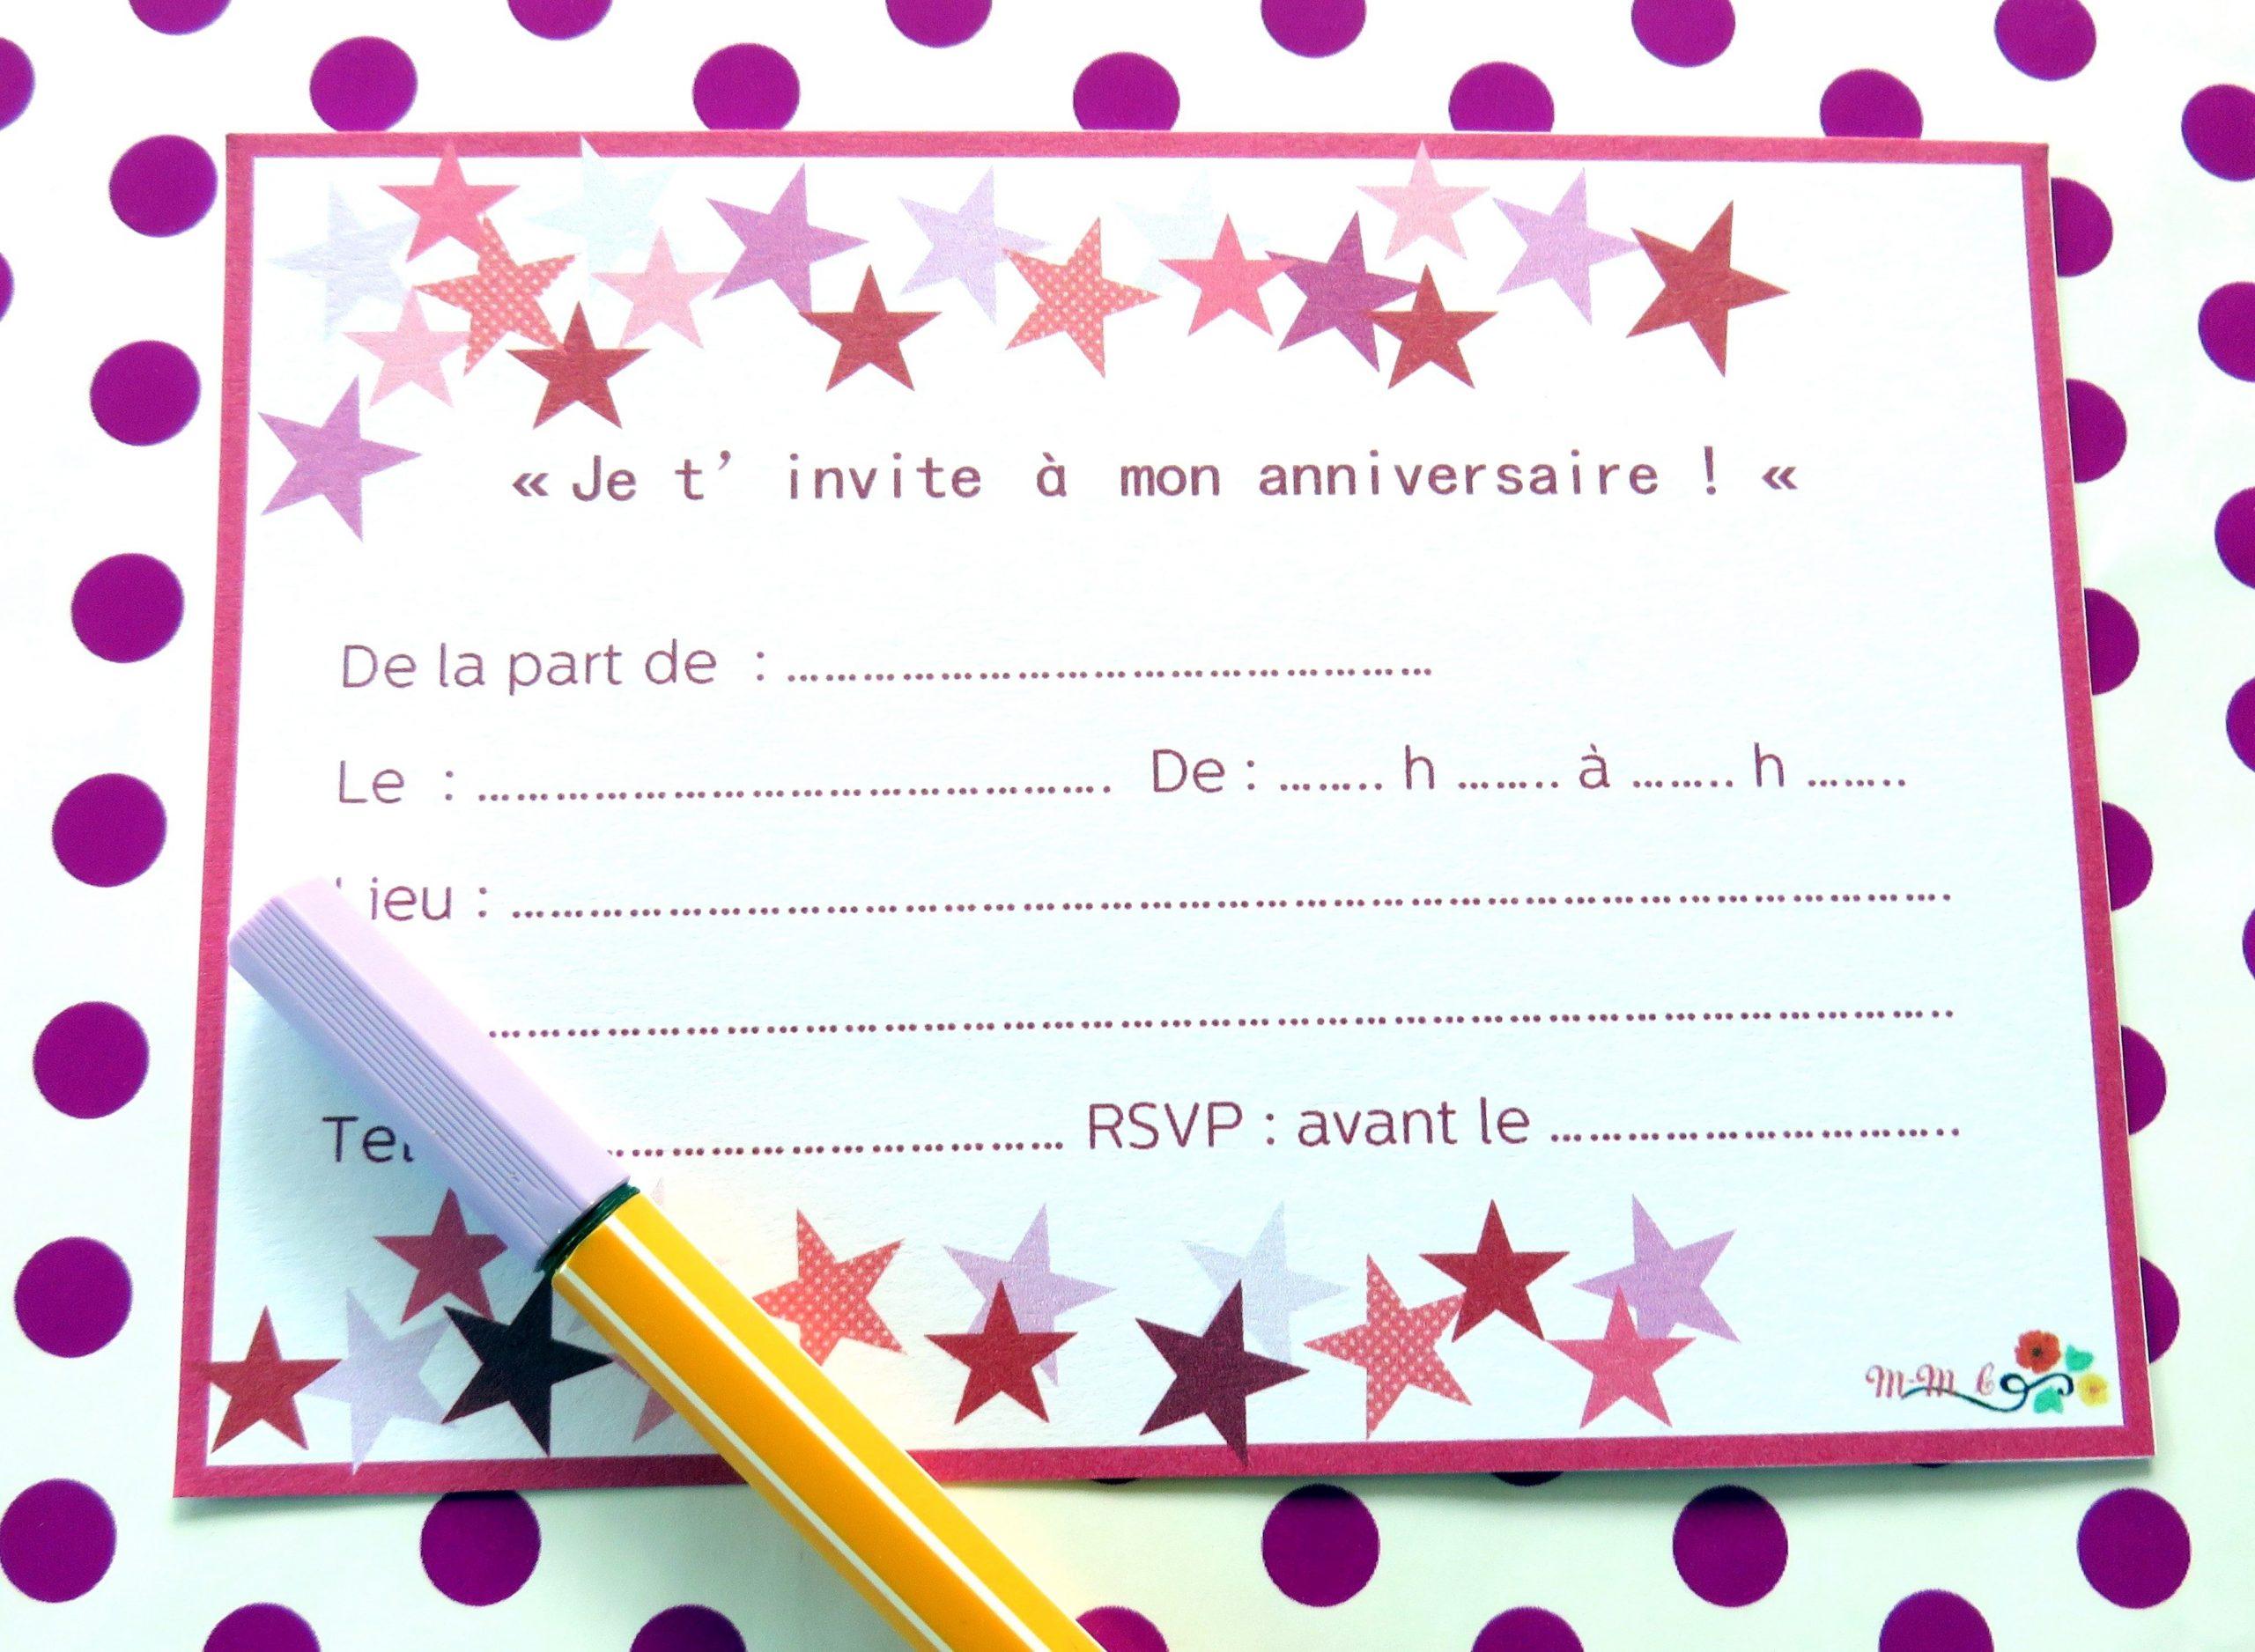 Carton D'Invitation Anniversaire Gratuit | D'Invitation destiné Modele Carton Invitation Anniversaire Gratuit